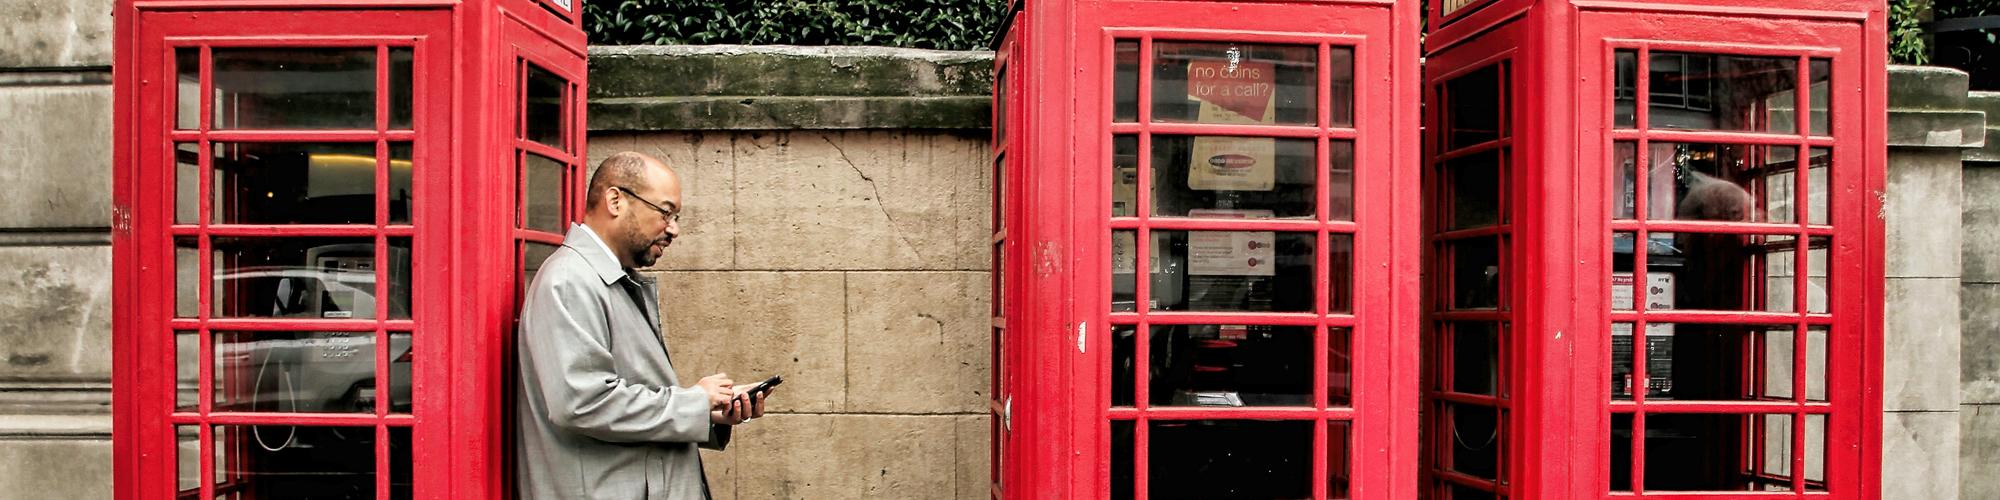 Cornelius Alexander beside phone boxes